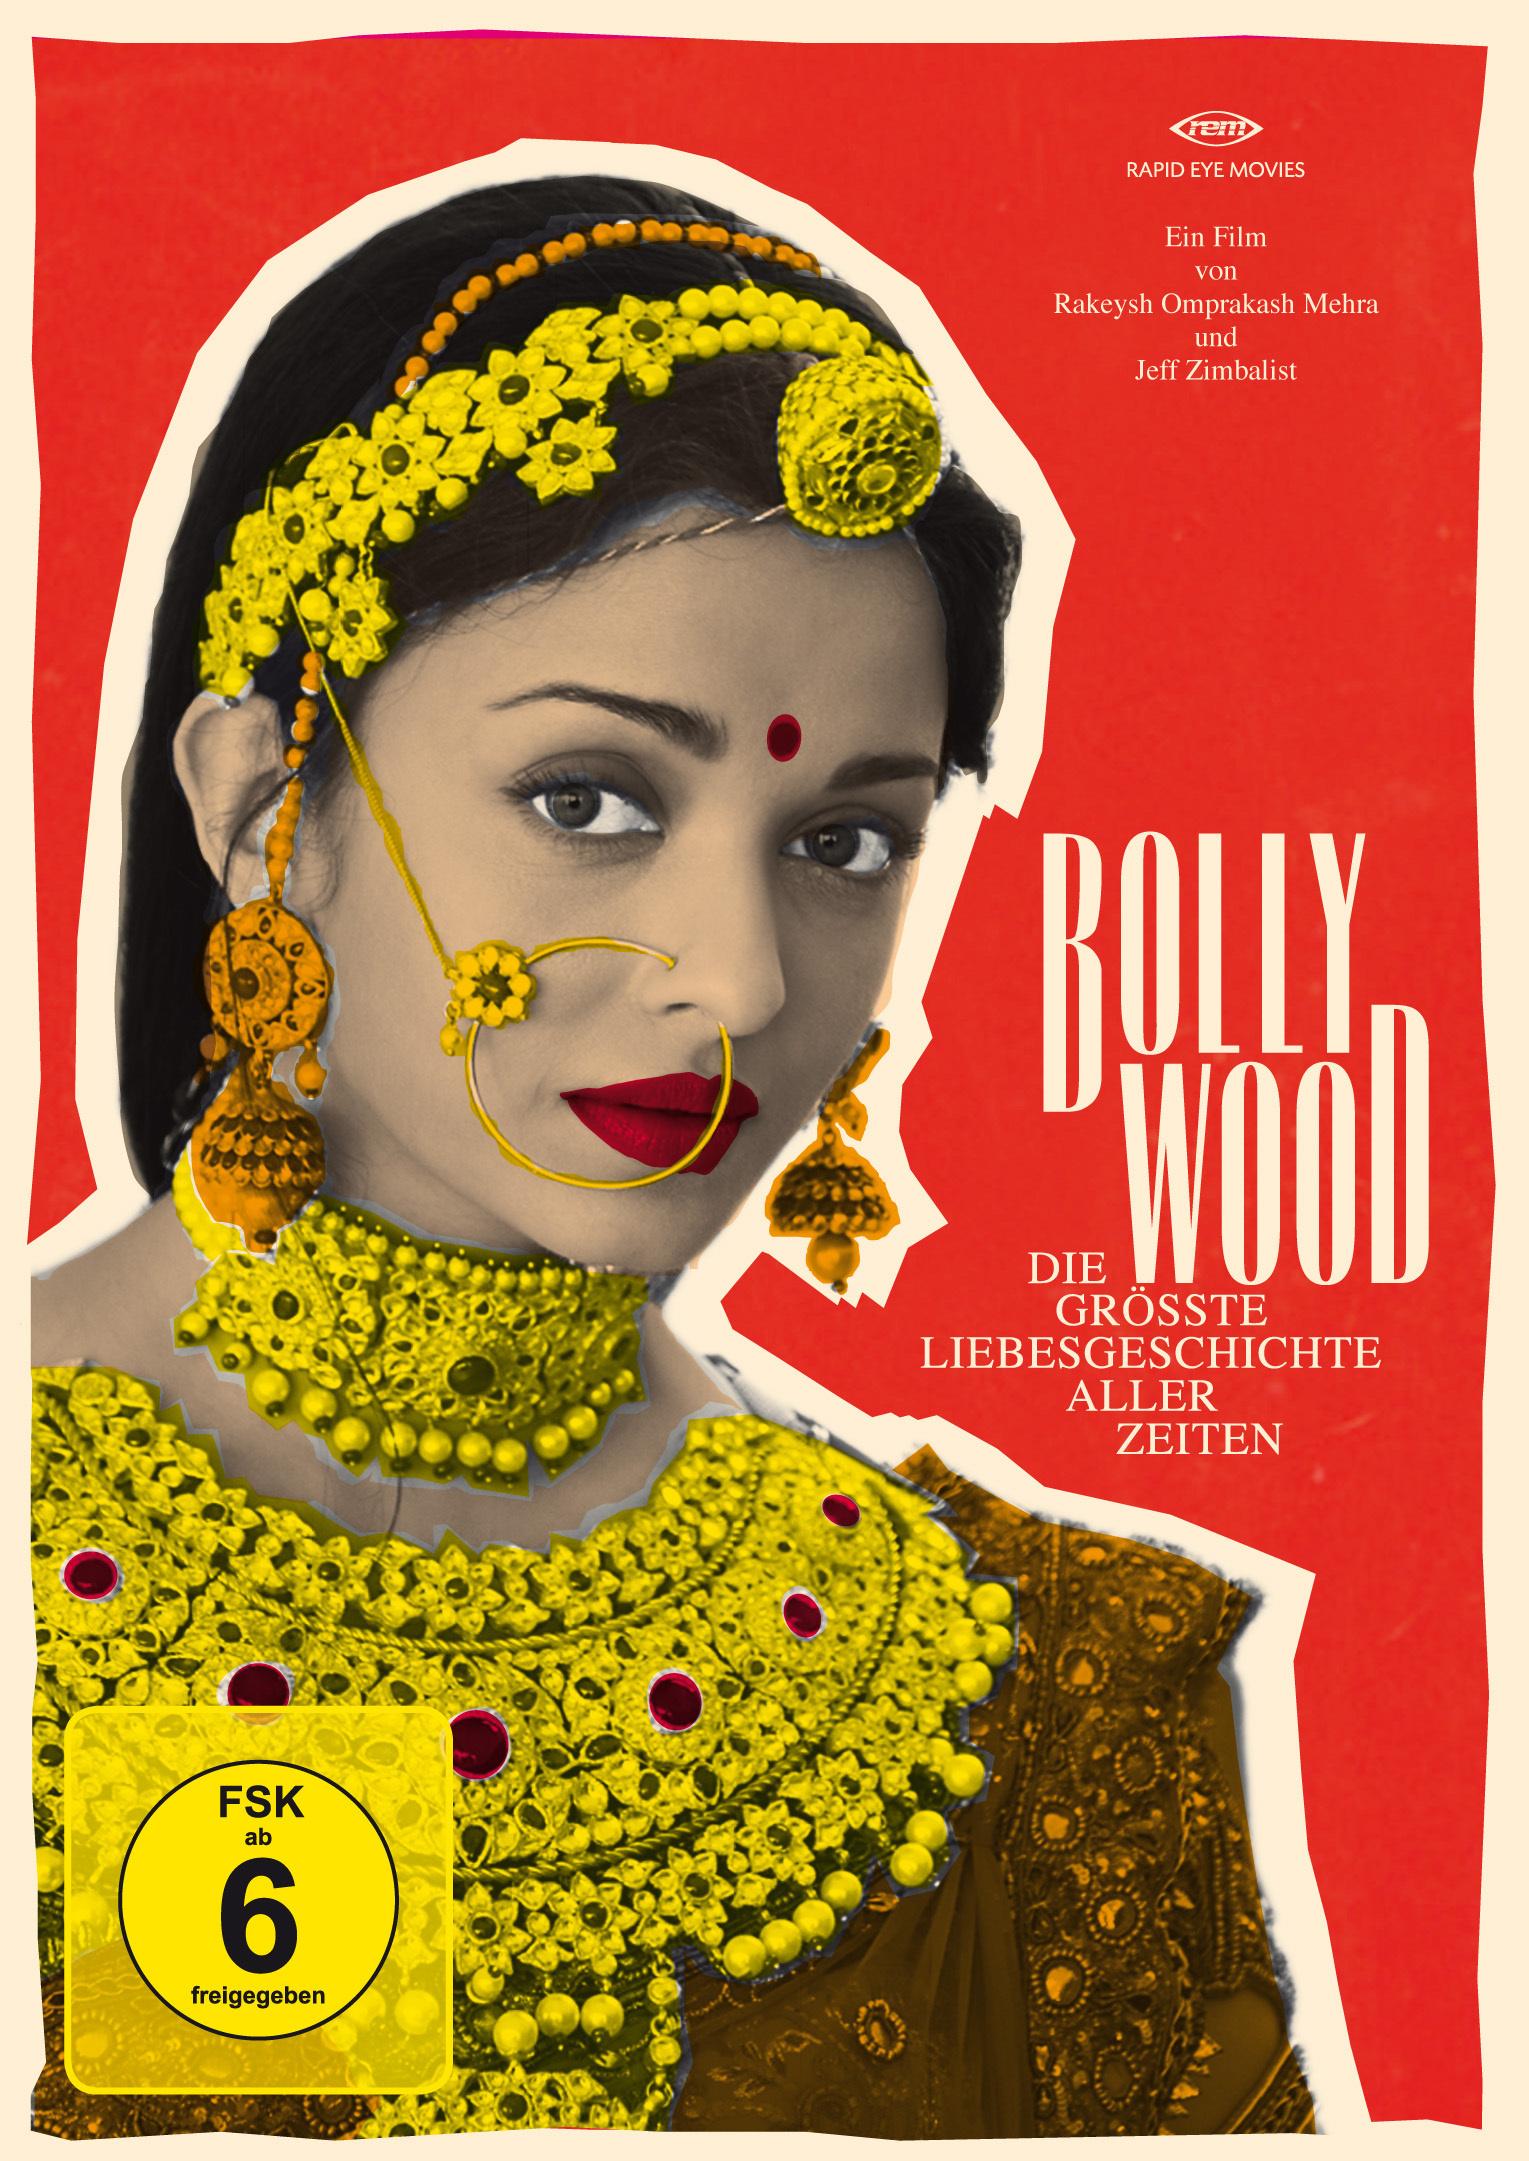 Image of Bollywood - Die grösste Liebesgeschichte aller Zeiten